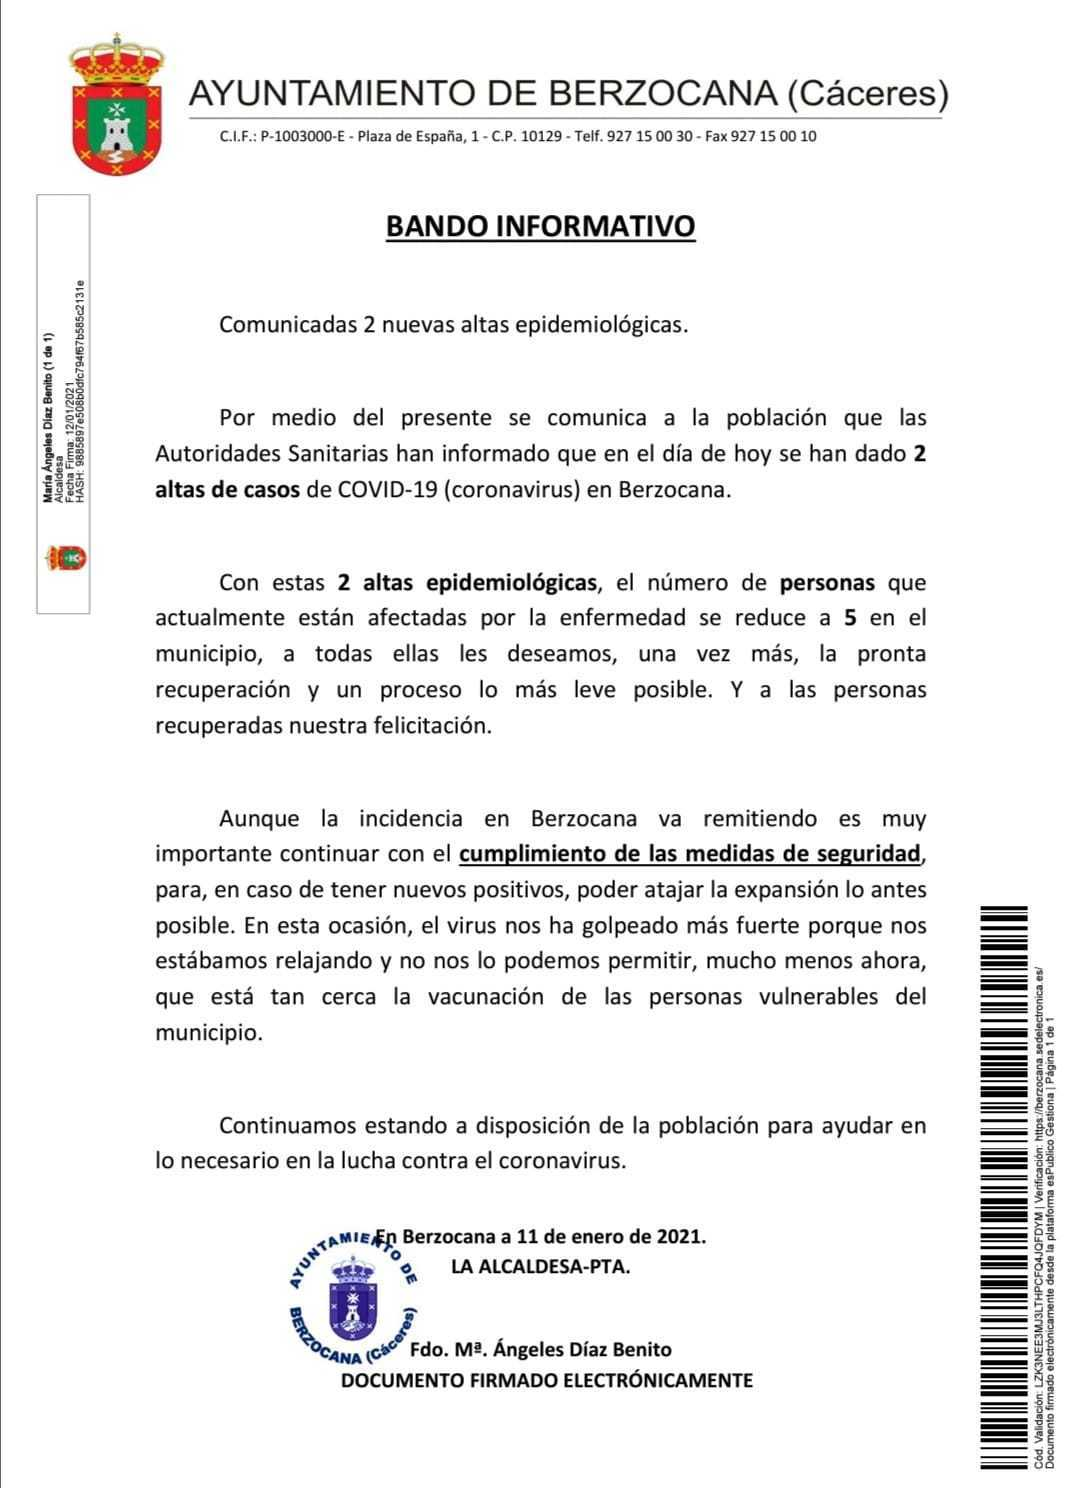 2 nuevas altas de COVID-19 (enero 2021) - Berzocana (Cáceres)